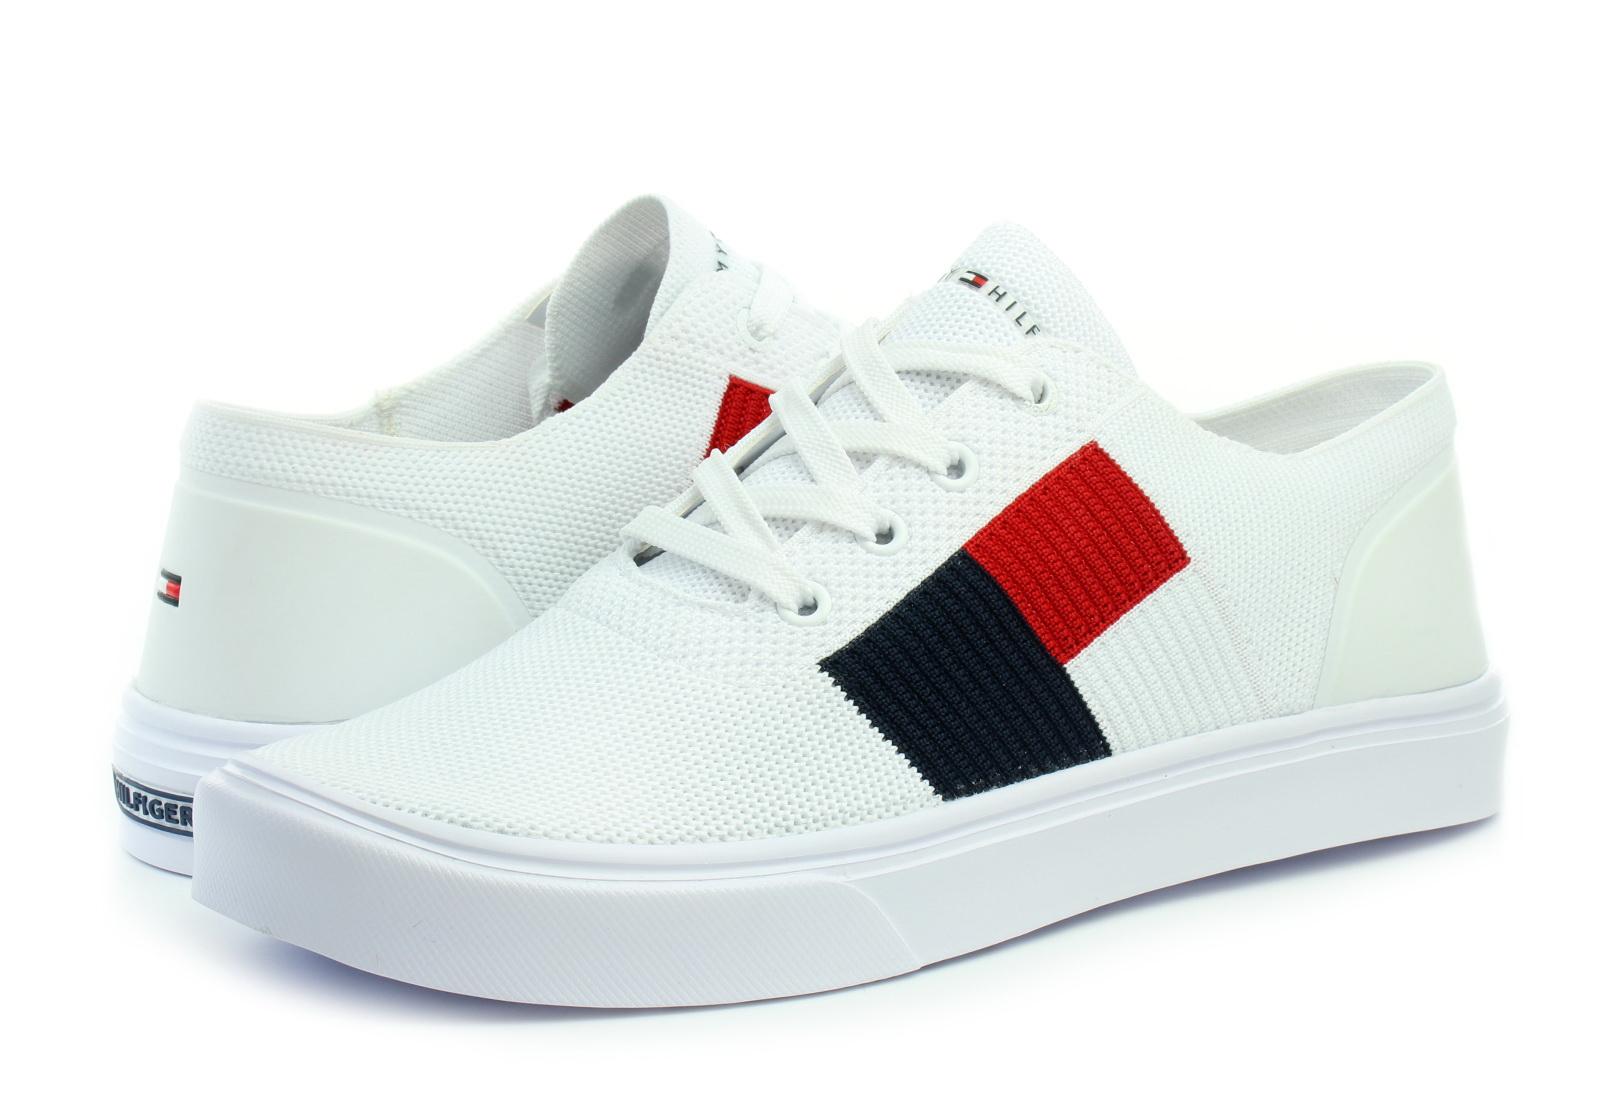 99bde7d4c30a Tommy Hilfiger Cipő - Malcolm 15d Knit - 19R-2545-YBS - Office Shoes ...